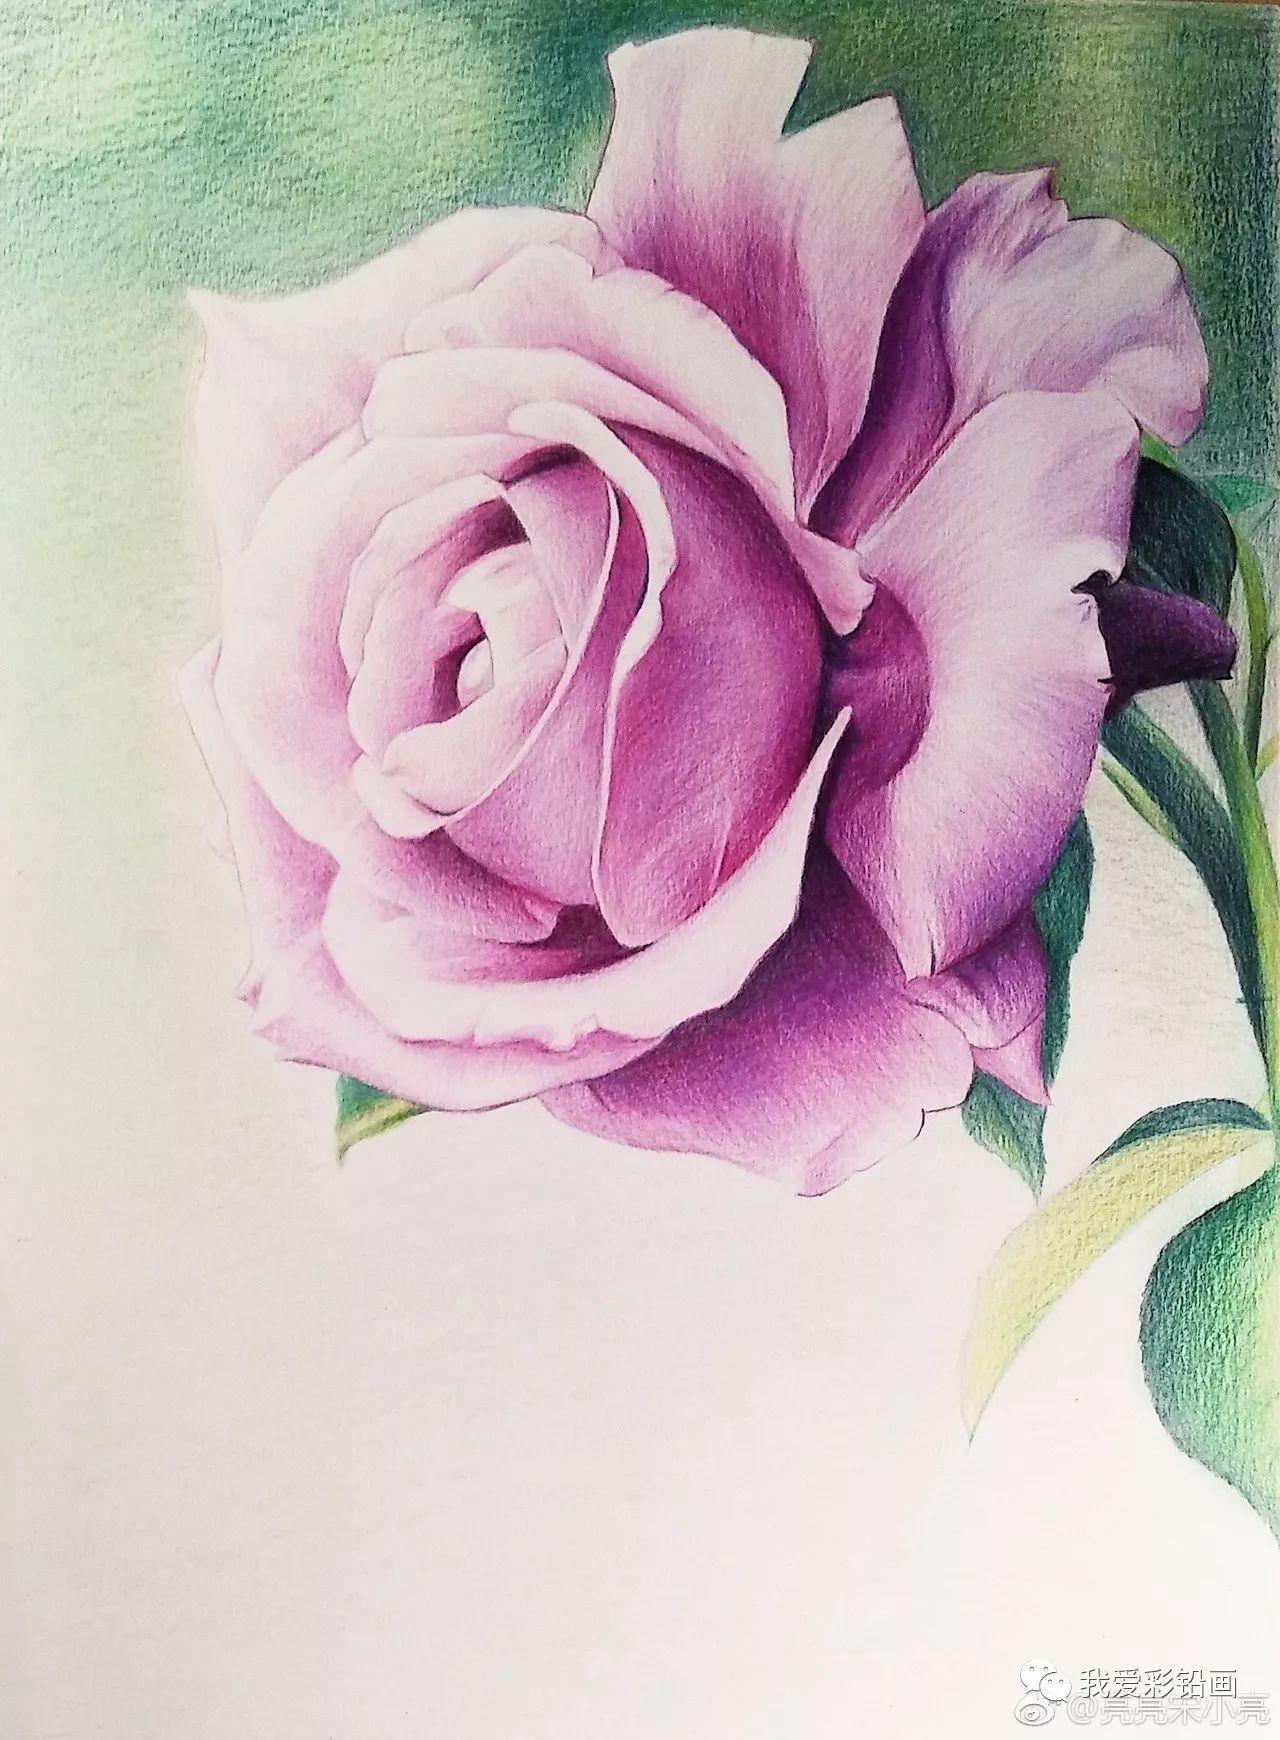 彩铅手绘--玫瑰花